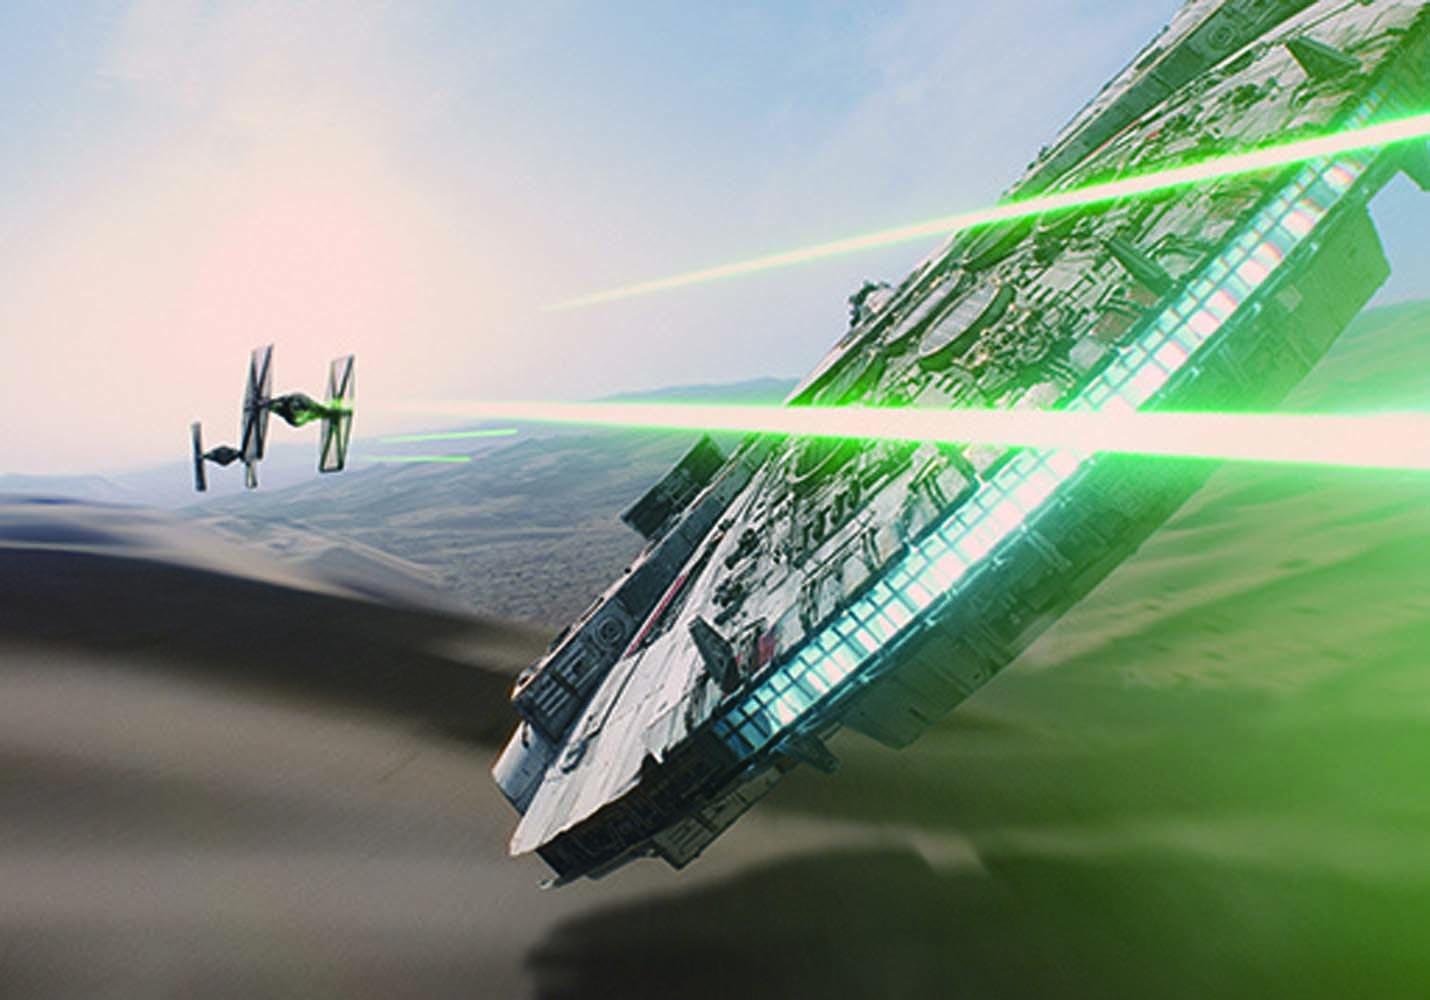 『フォースの覚醒』では、レイとフィンがミレニアム・ファルコンに乗り込み宇宙に飛び出した